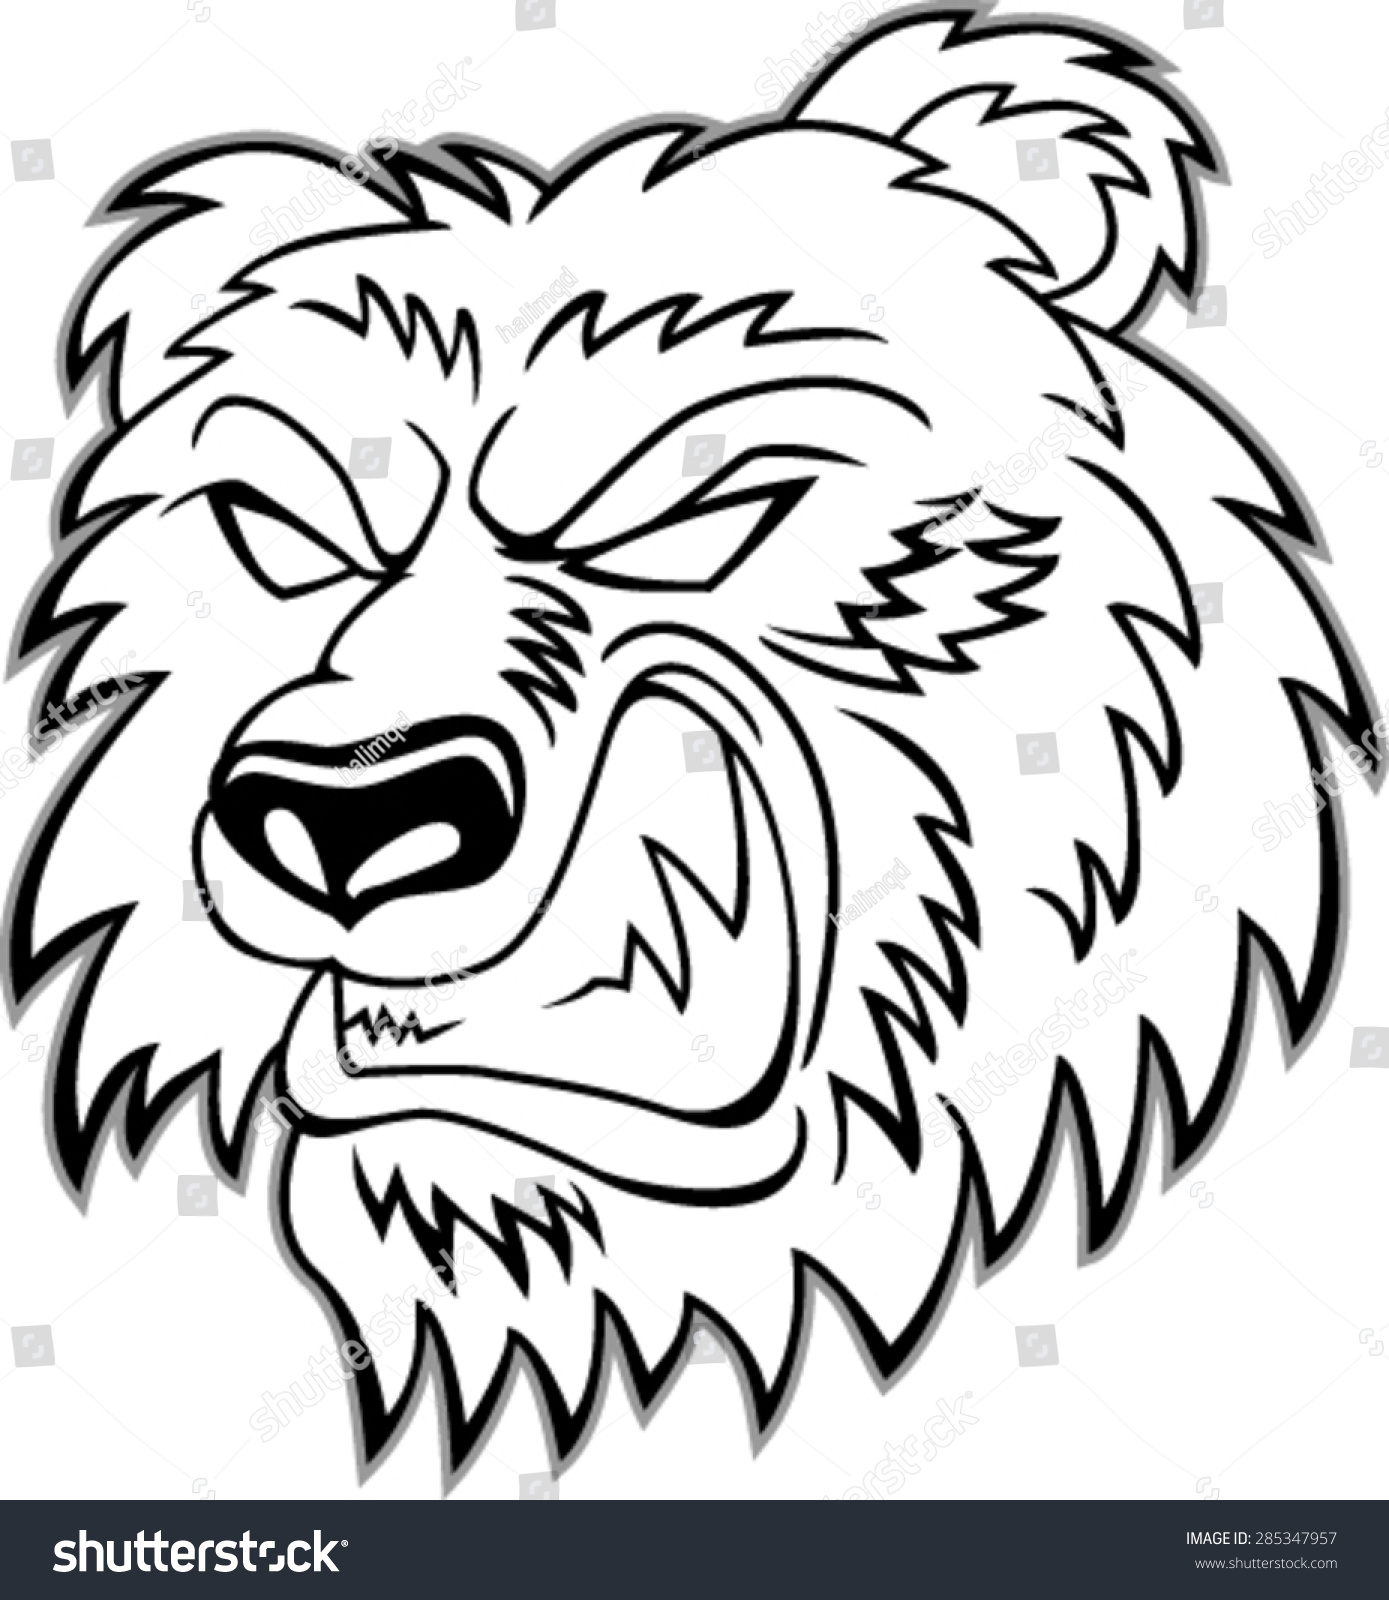 愤怒的熊头的吉祥物,矢量插图-动物/野生生物